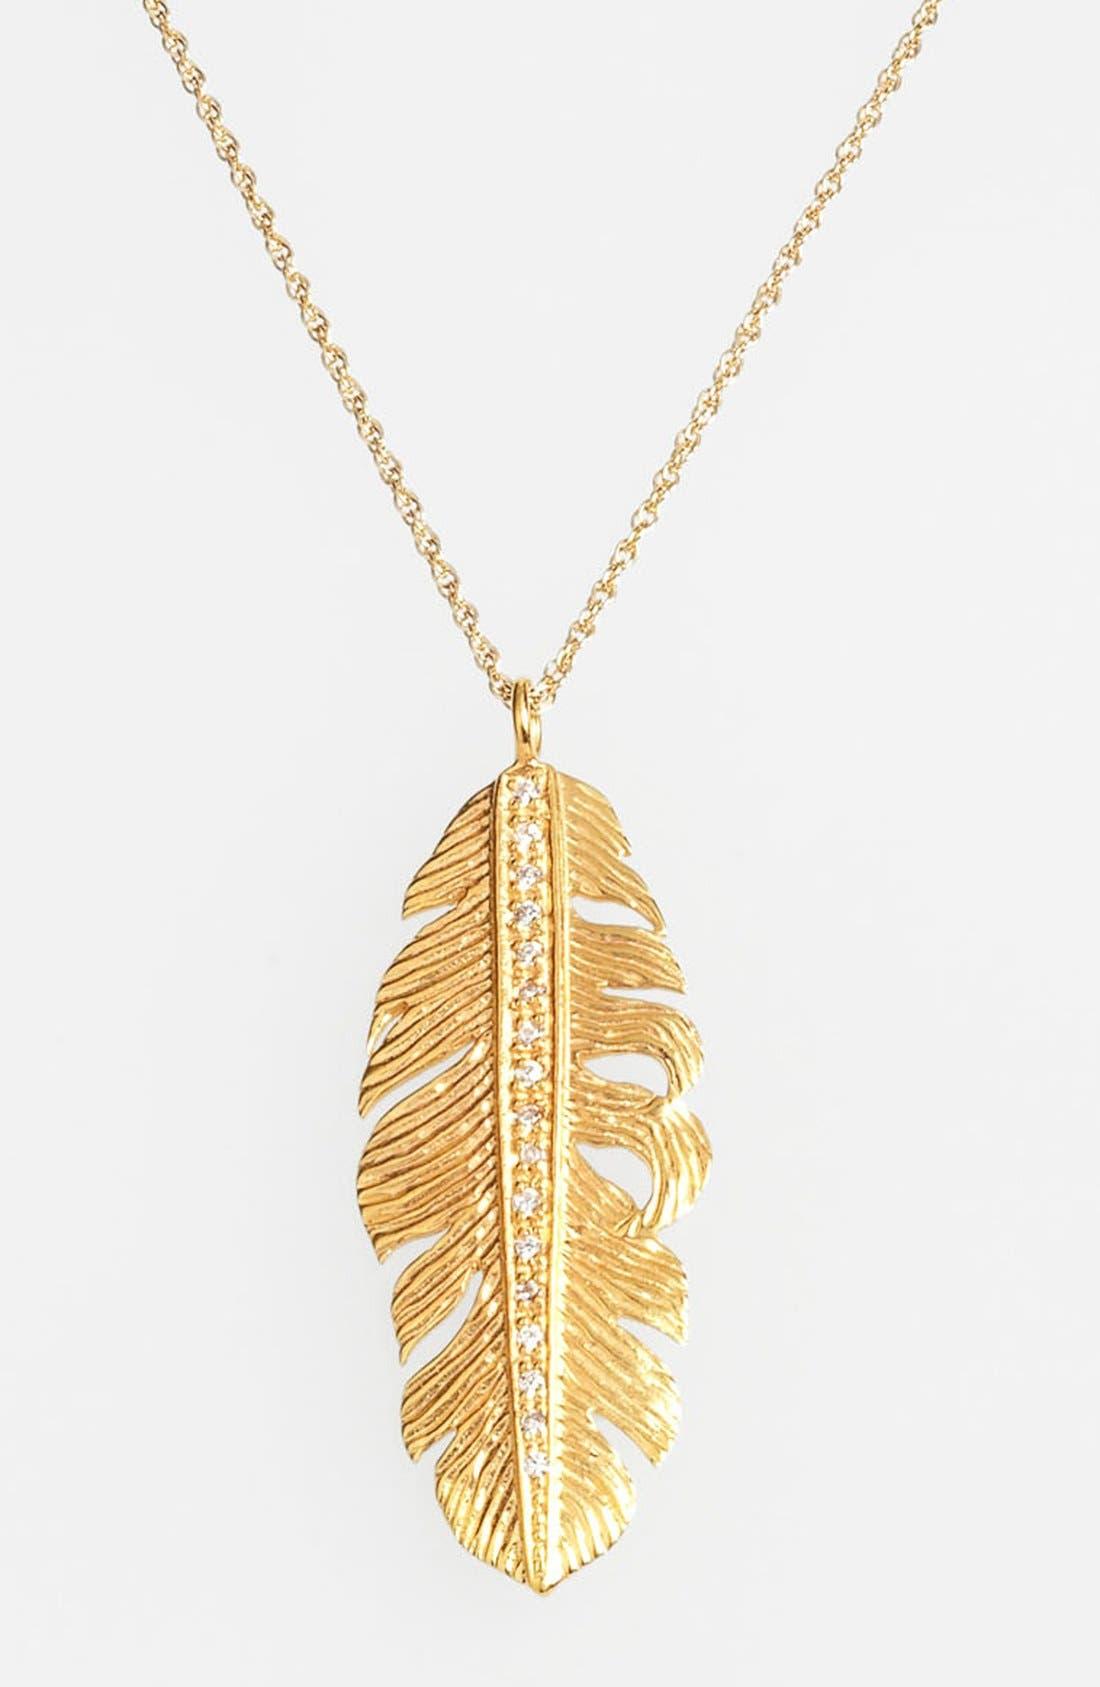 Main Image - Melinda Maria Large Feather Pendant Necklace